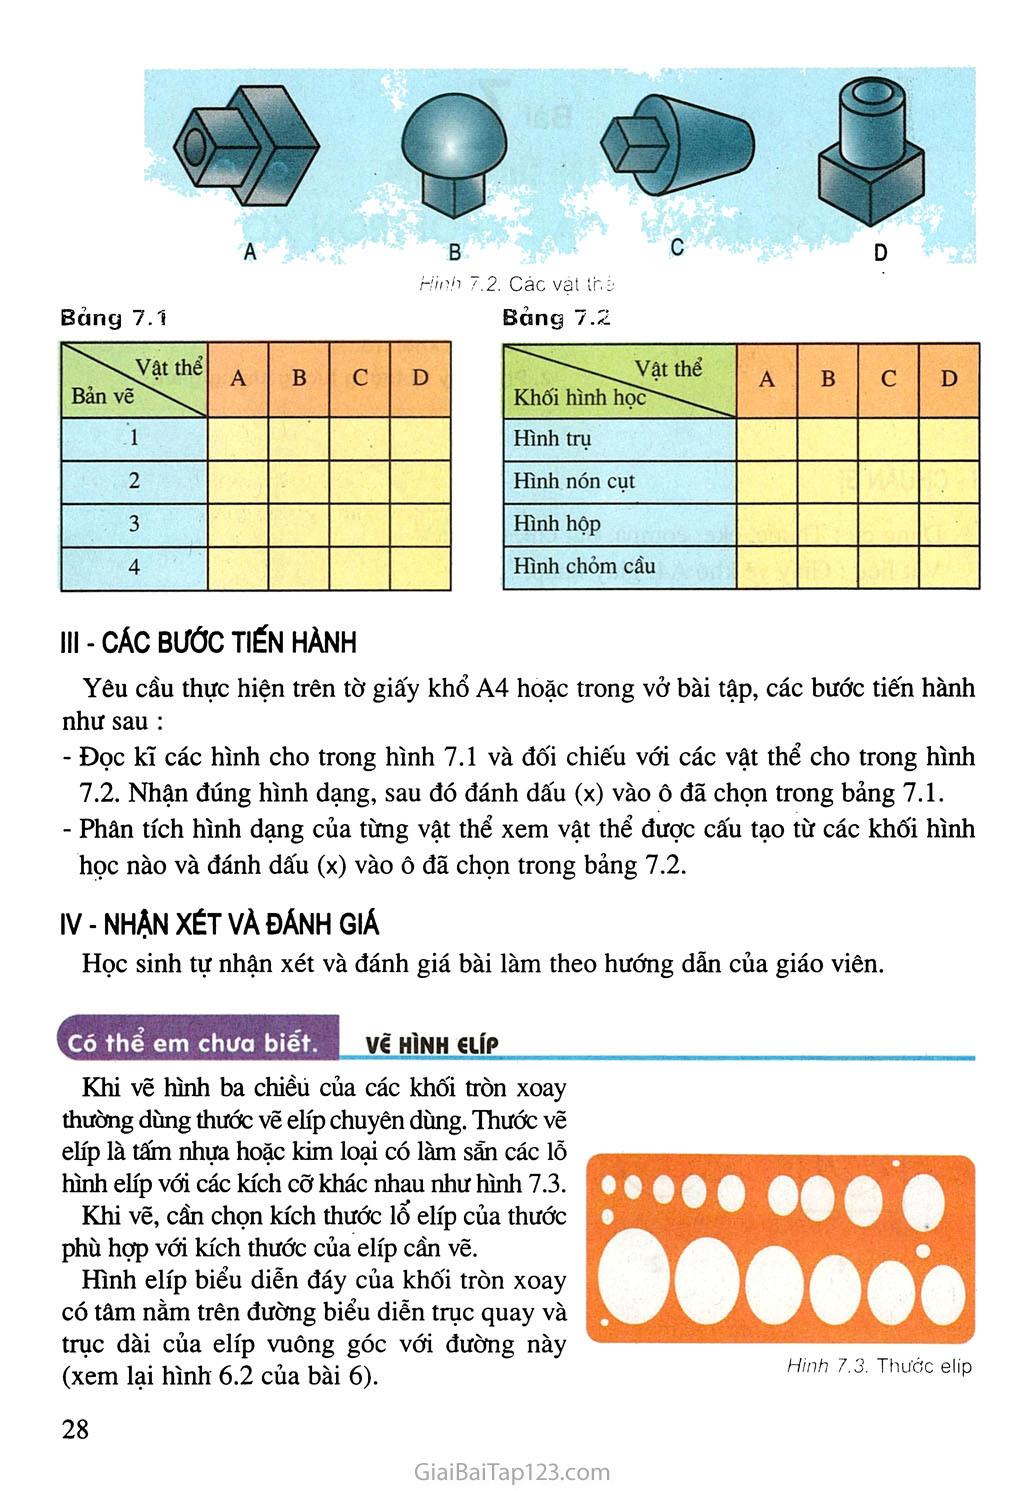 Bài 7. Bài tập thực hành - Đọc bản vẽ các khối tròn xoay trang 2